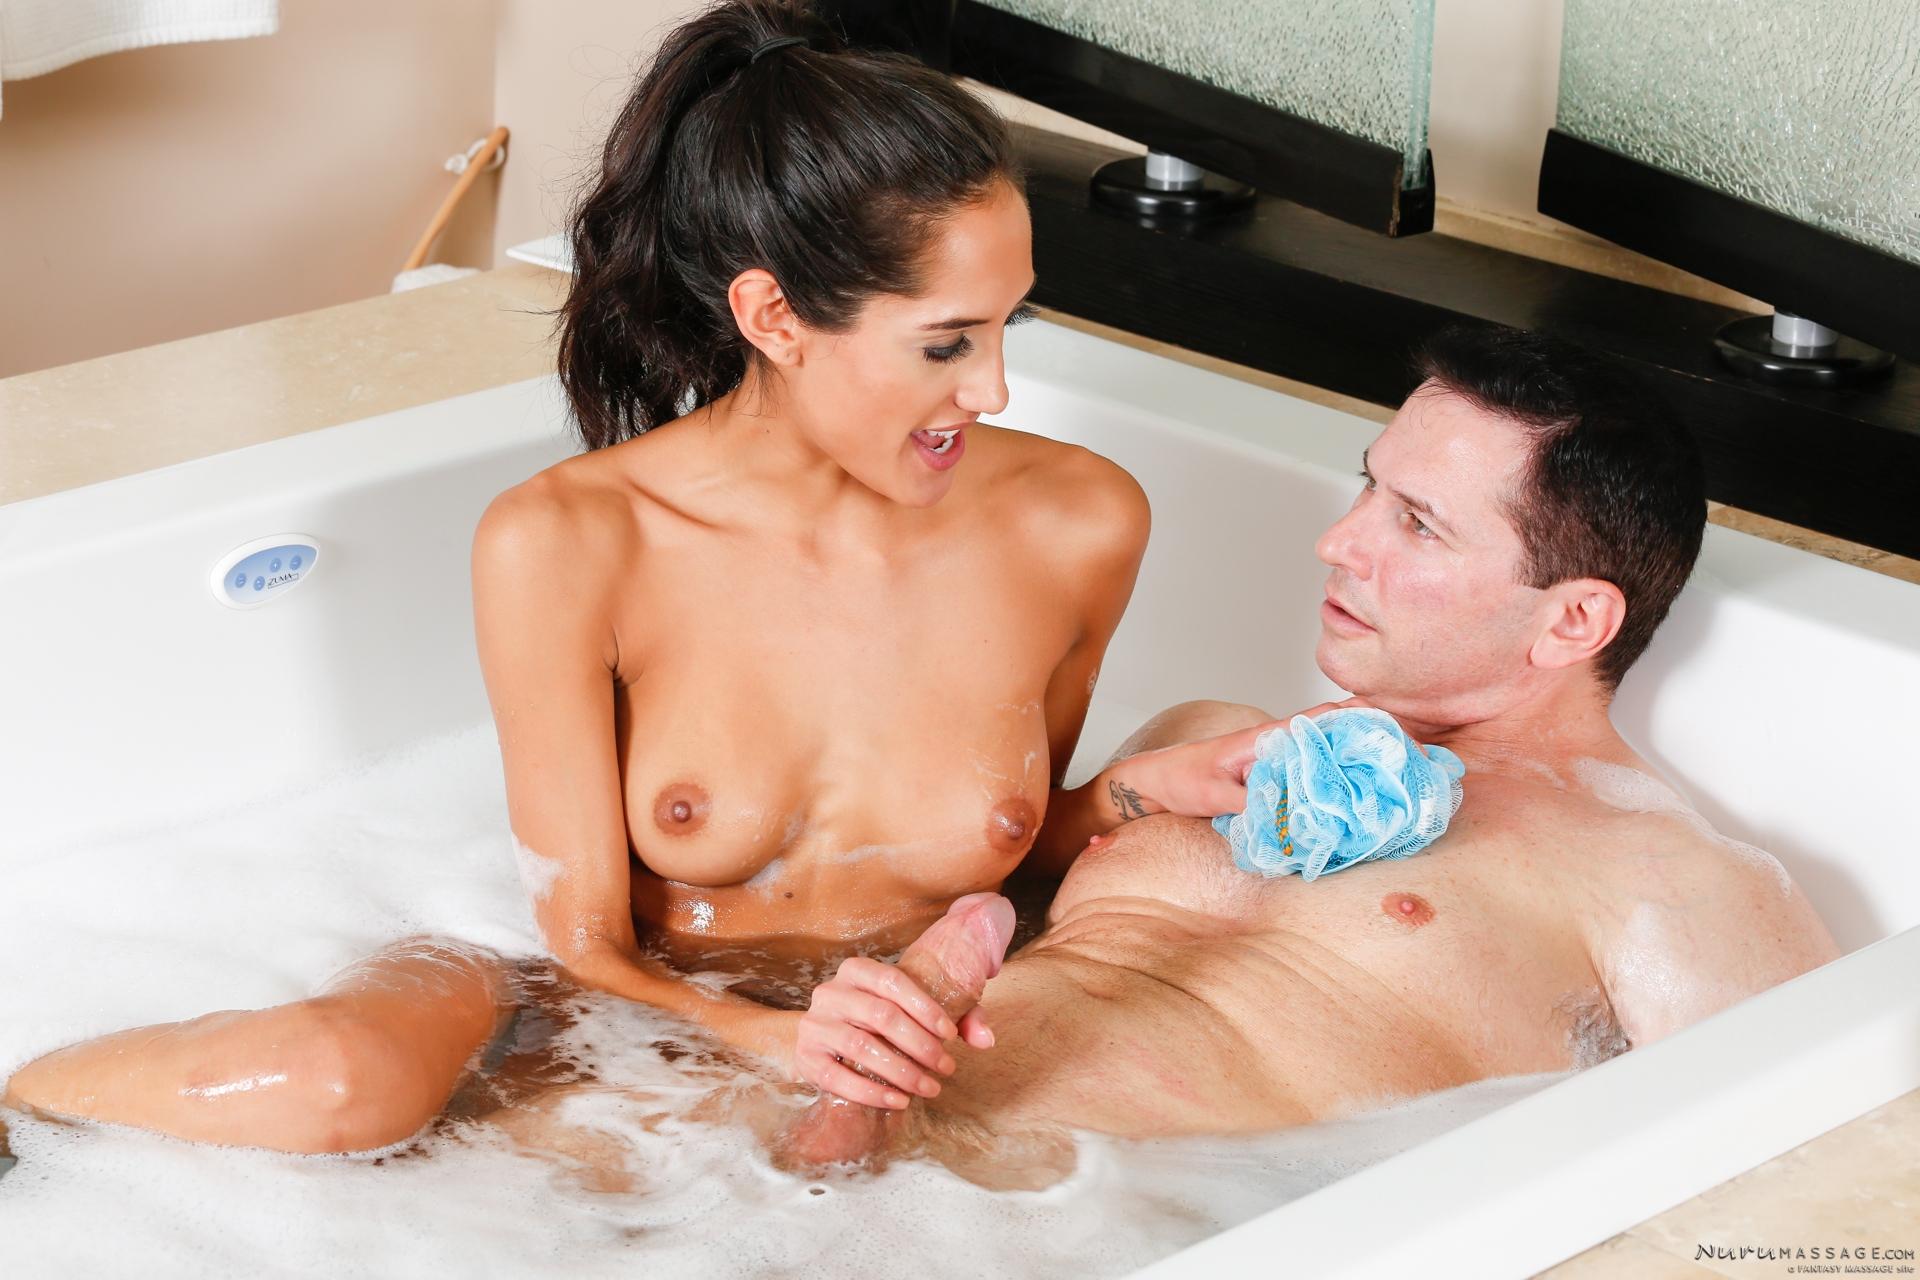 Секс в ванной молодожены, Молодожёны решили попробовать домашний секс 3 фотография